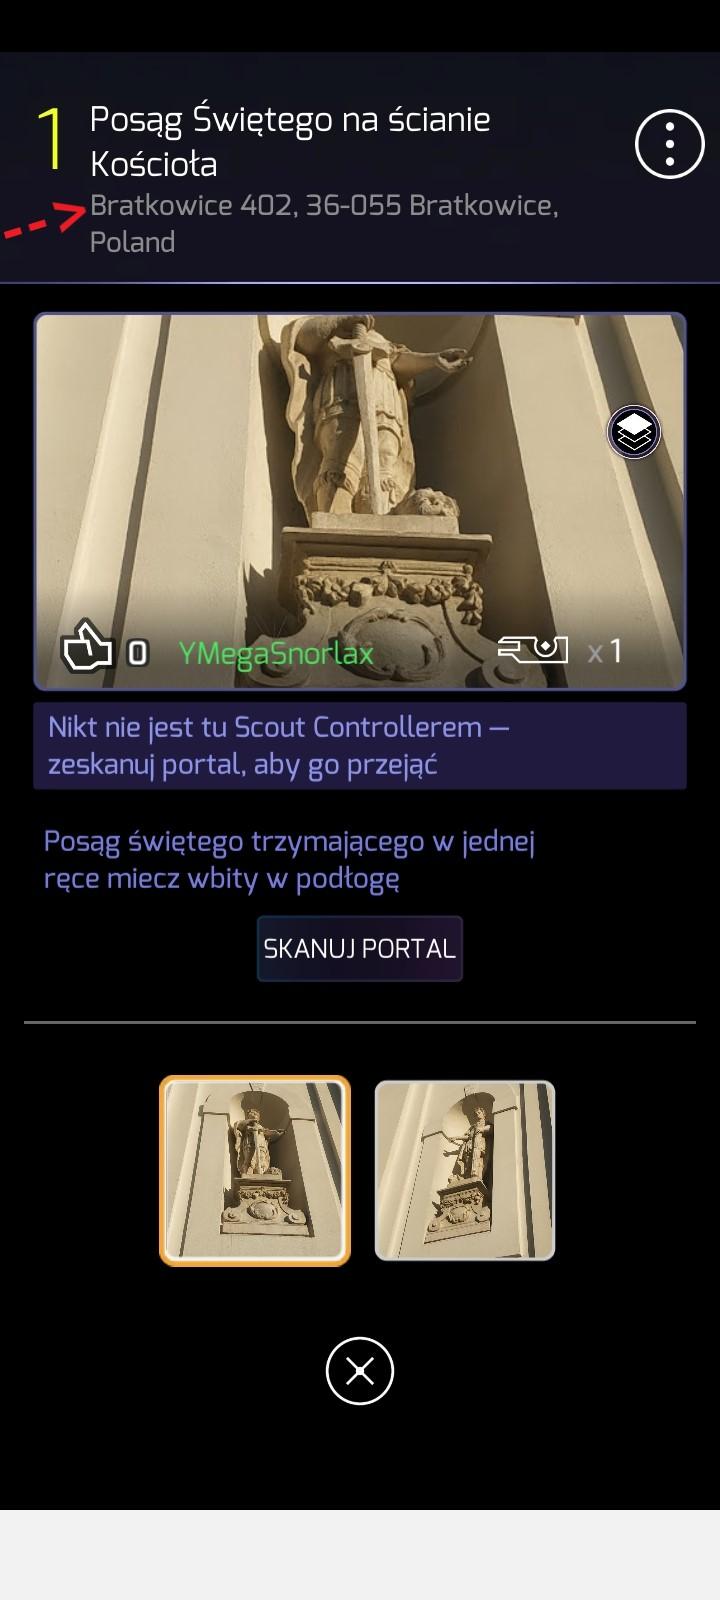 Posąg Świętego na ścianie Kościoła.jpg